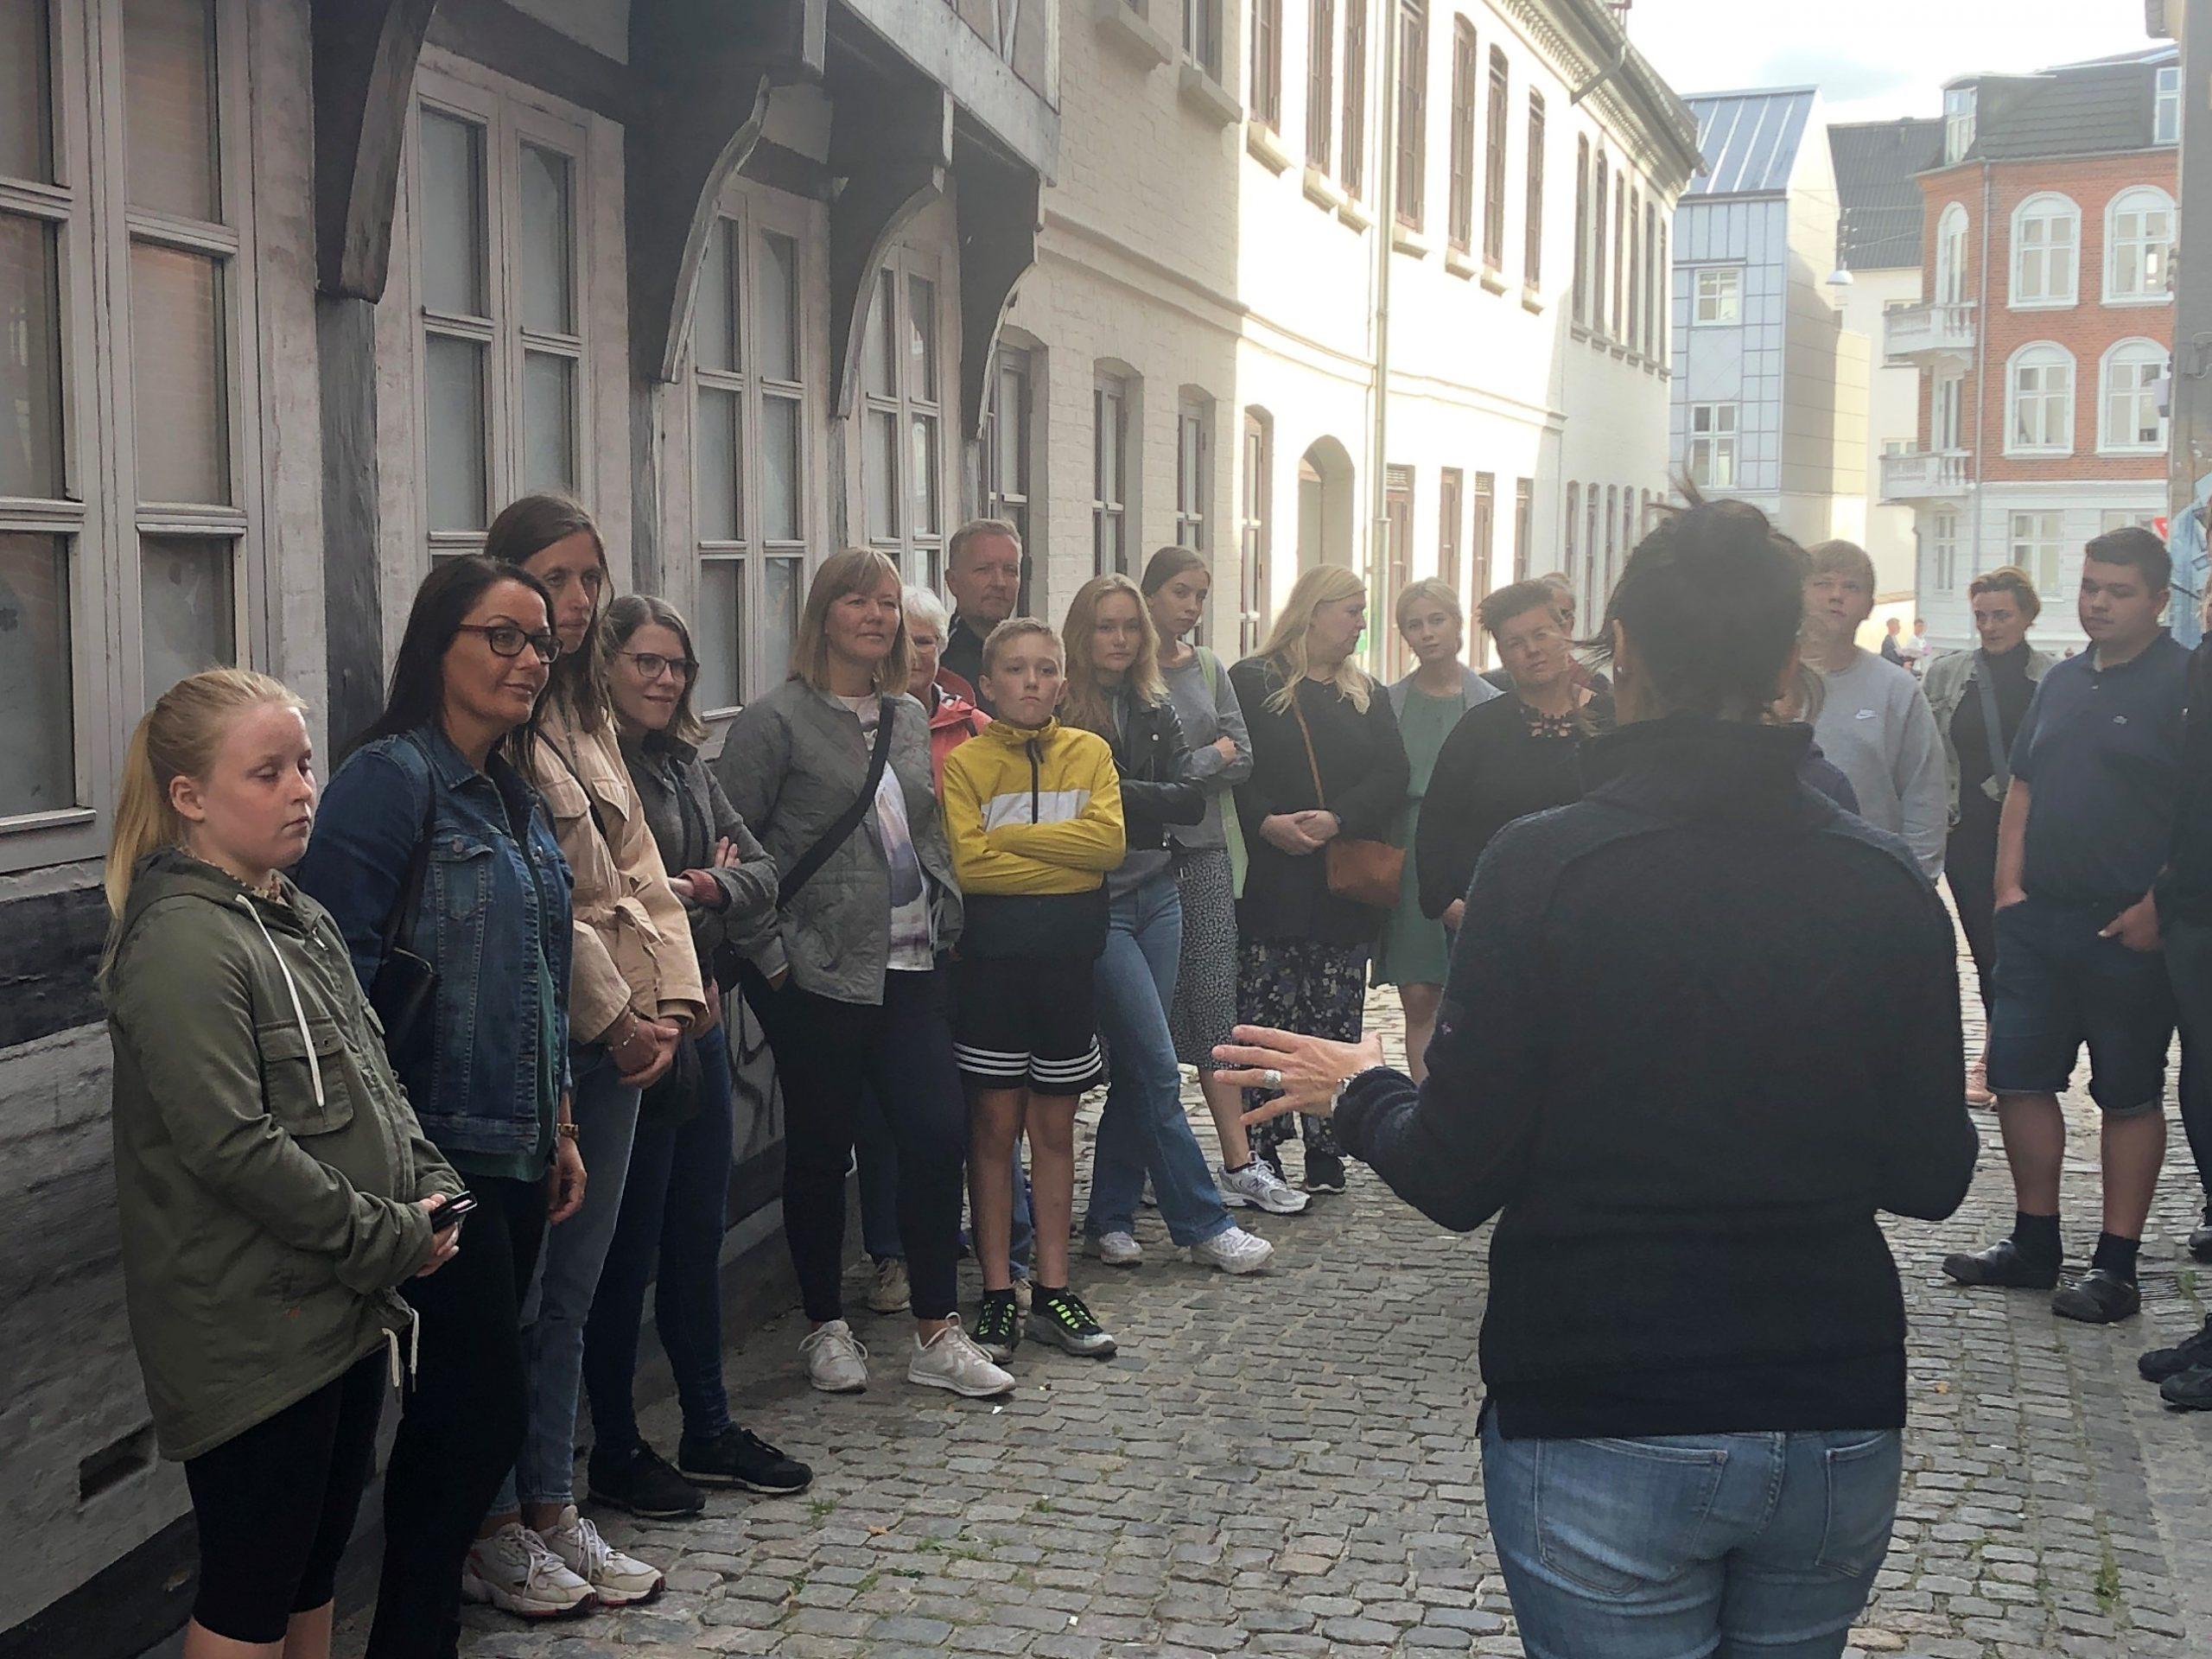 Et sikkert sommerhit: Aalborg Historiske Museum er klar med flere byvandringer